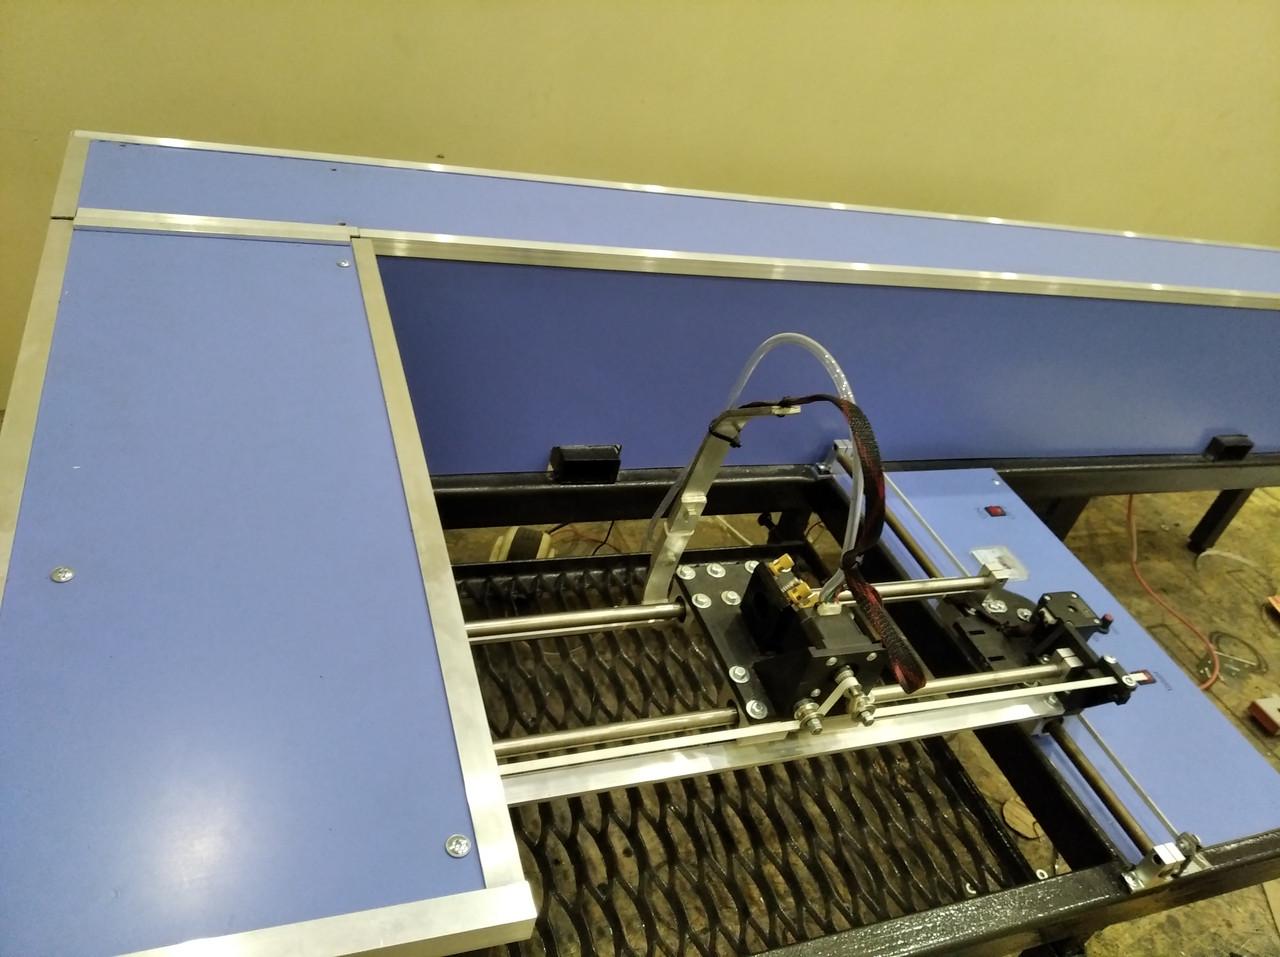 Гравер, СО2 станок с ЧПУ 50 Вт в корпусе. CO2 Laser 50W. Поле 62*64 см